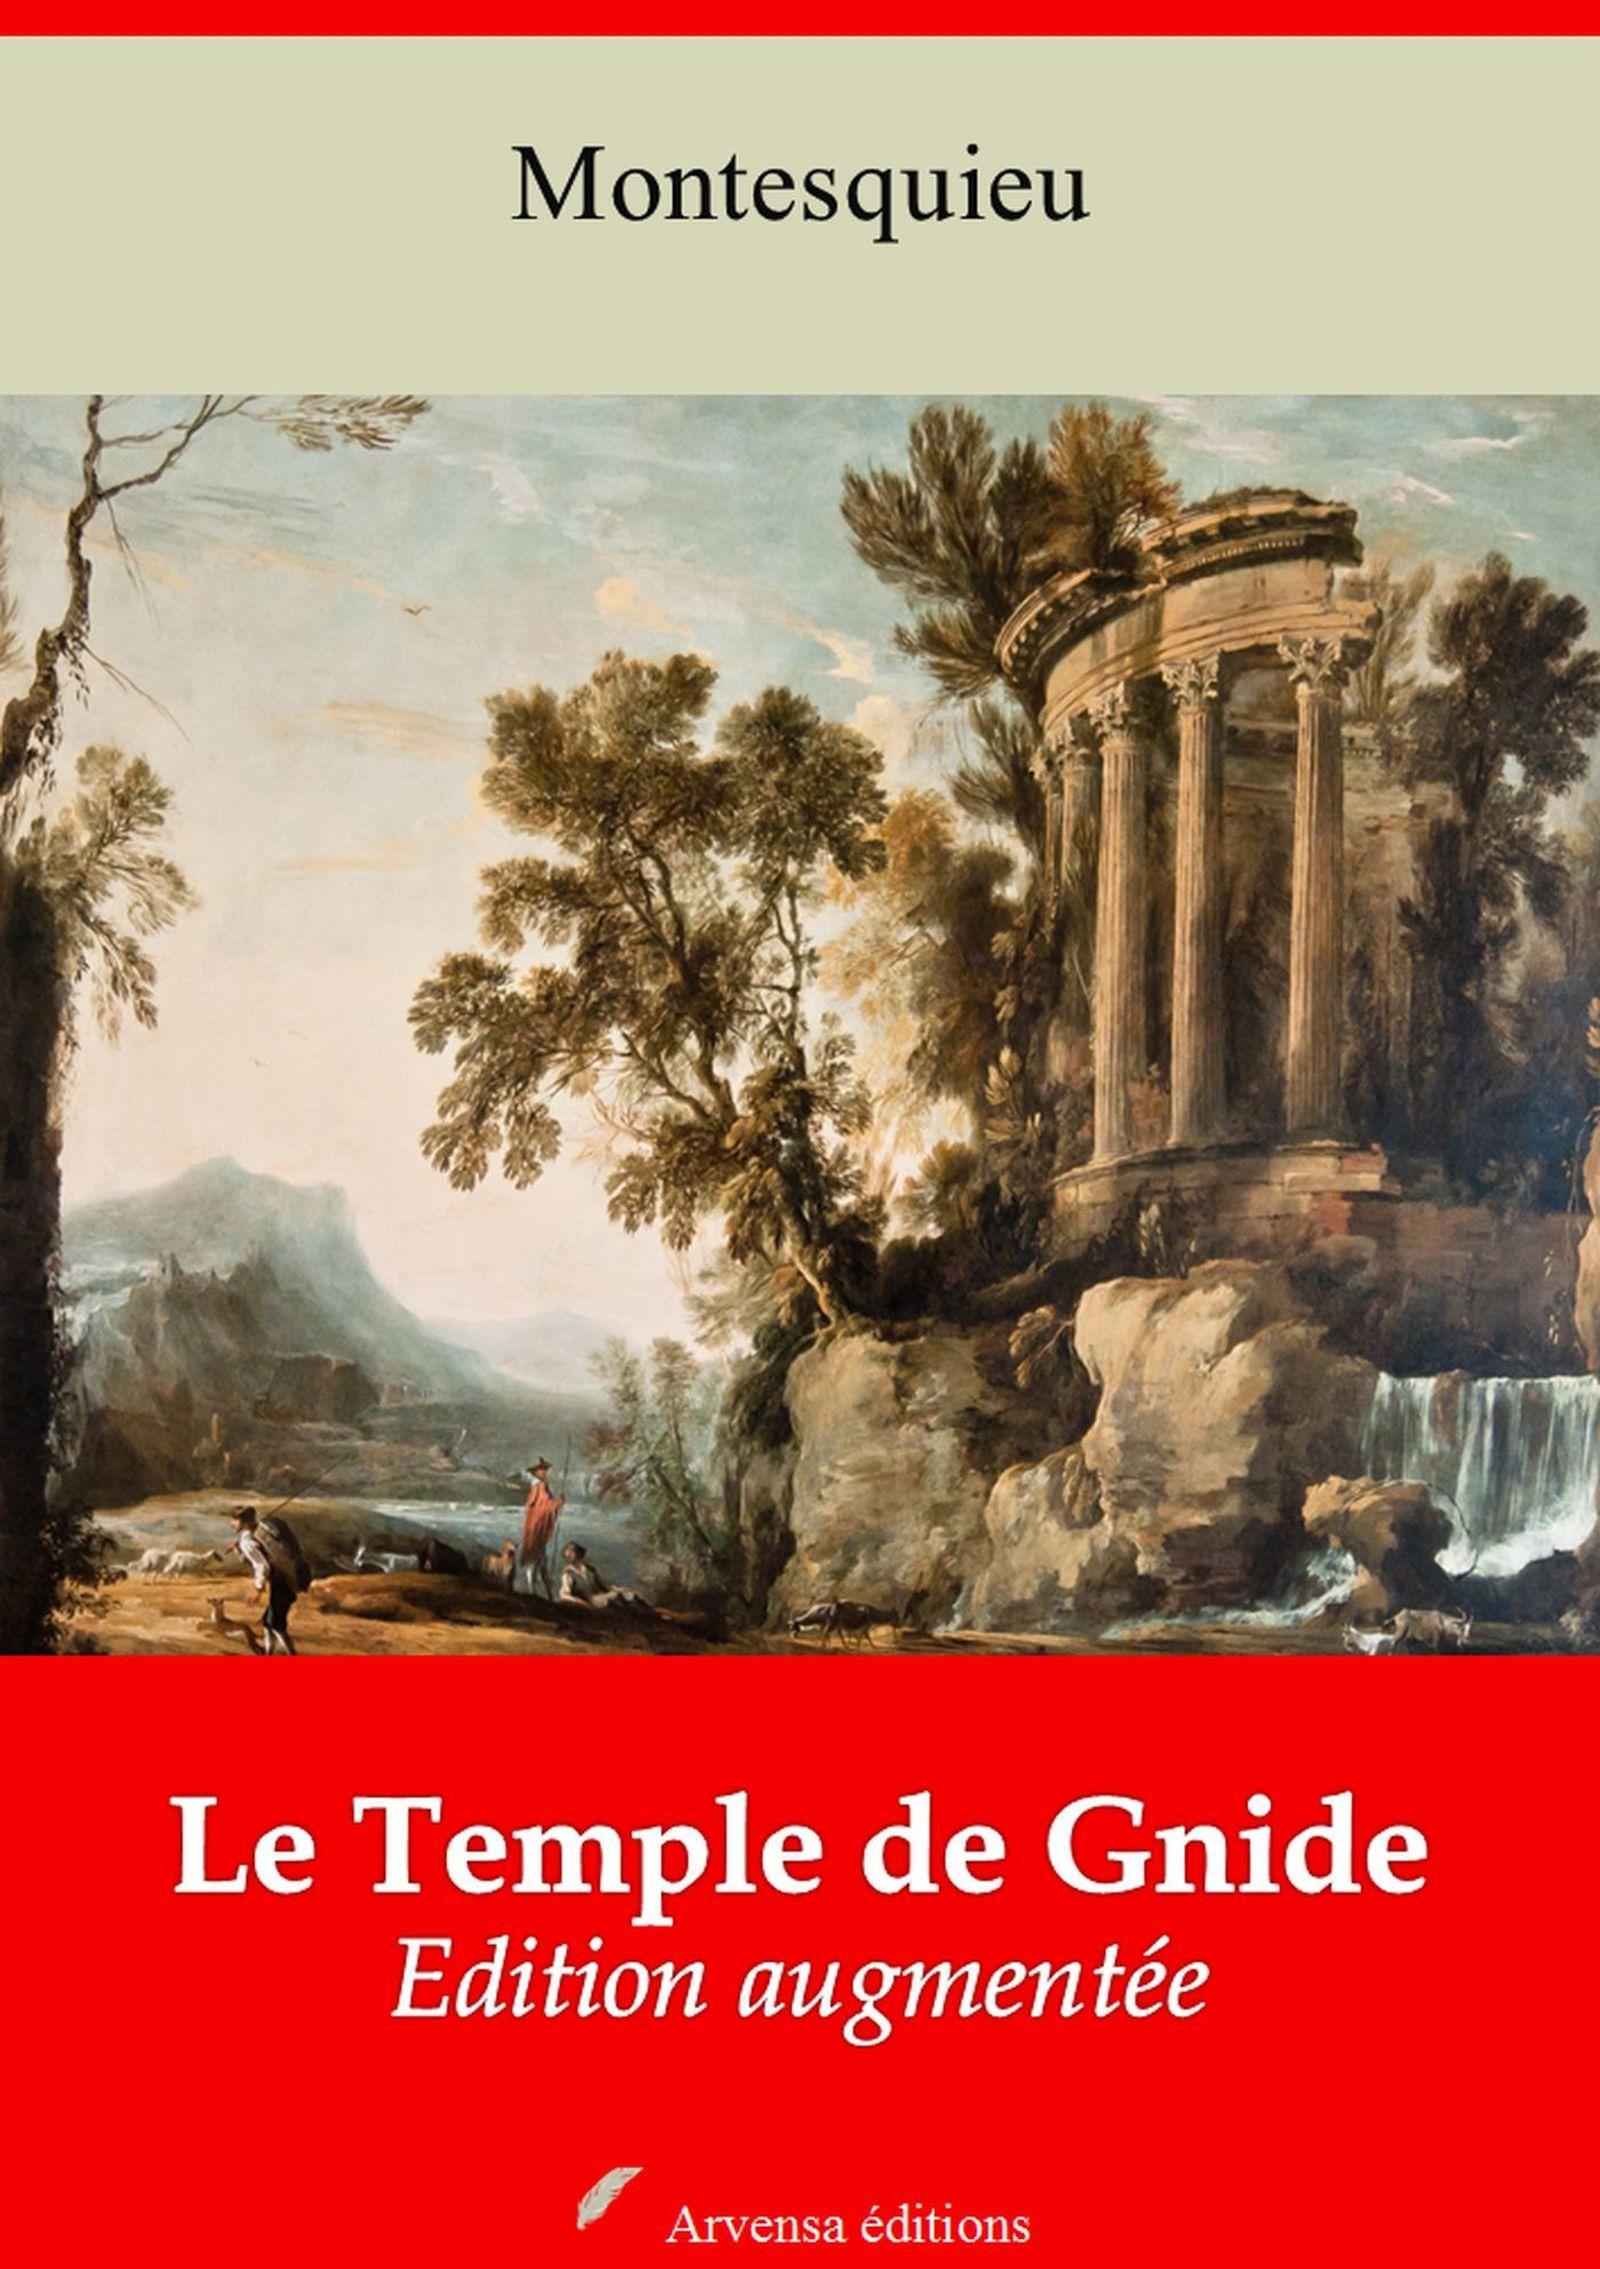 Le Temple de Gnide et temple de Gnide mis en vers - suivi d'annexes